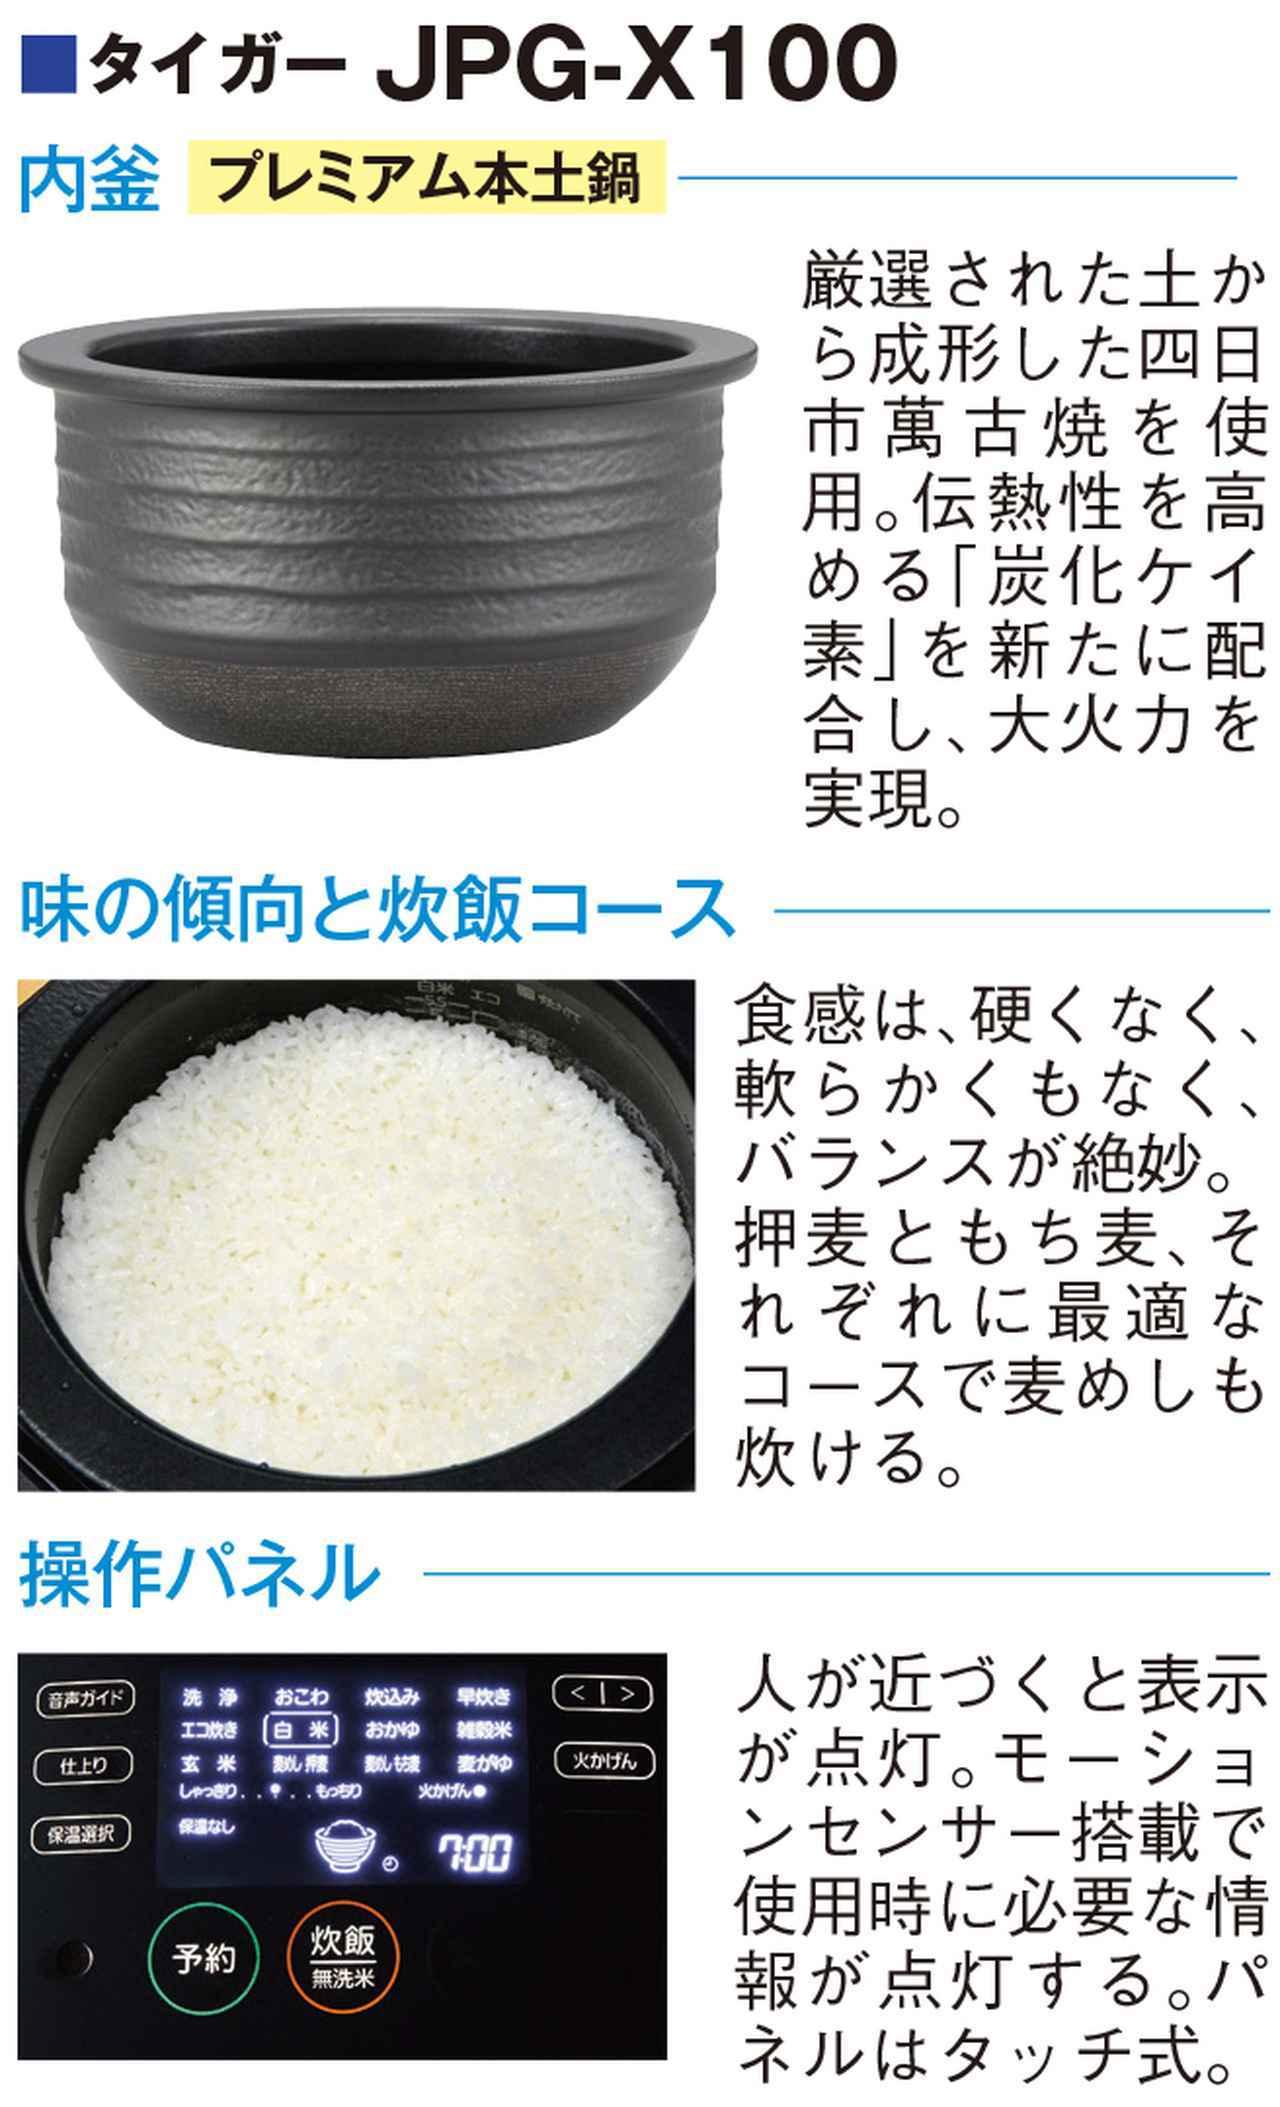 画像3: うまいIH炊飯器を探せ! 内釜や炊飯コースなど、持ち味を見極めよ!